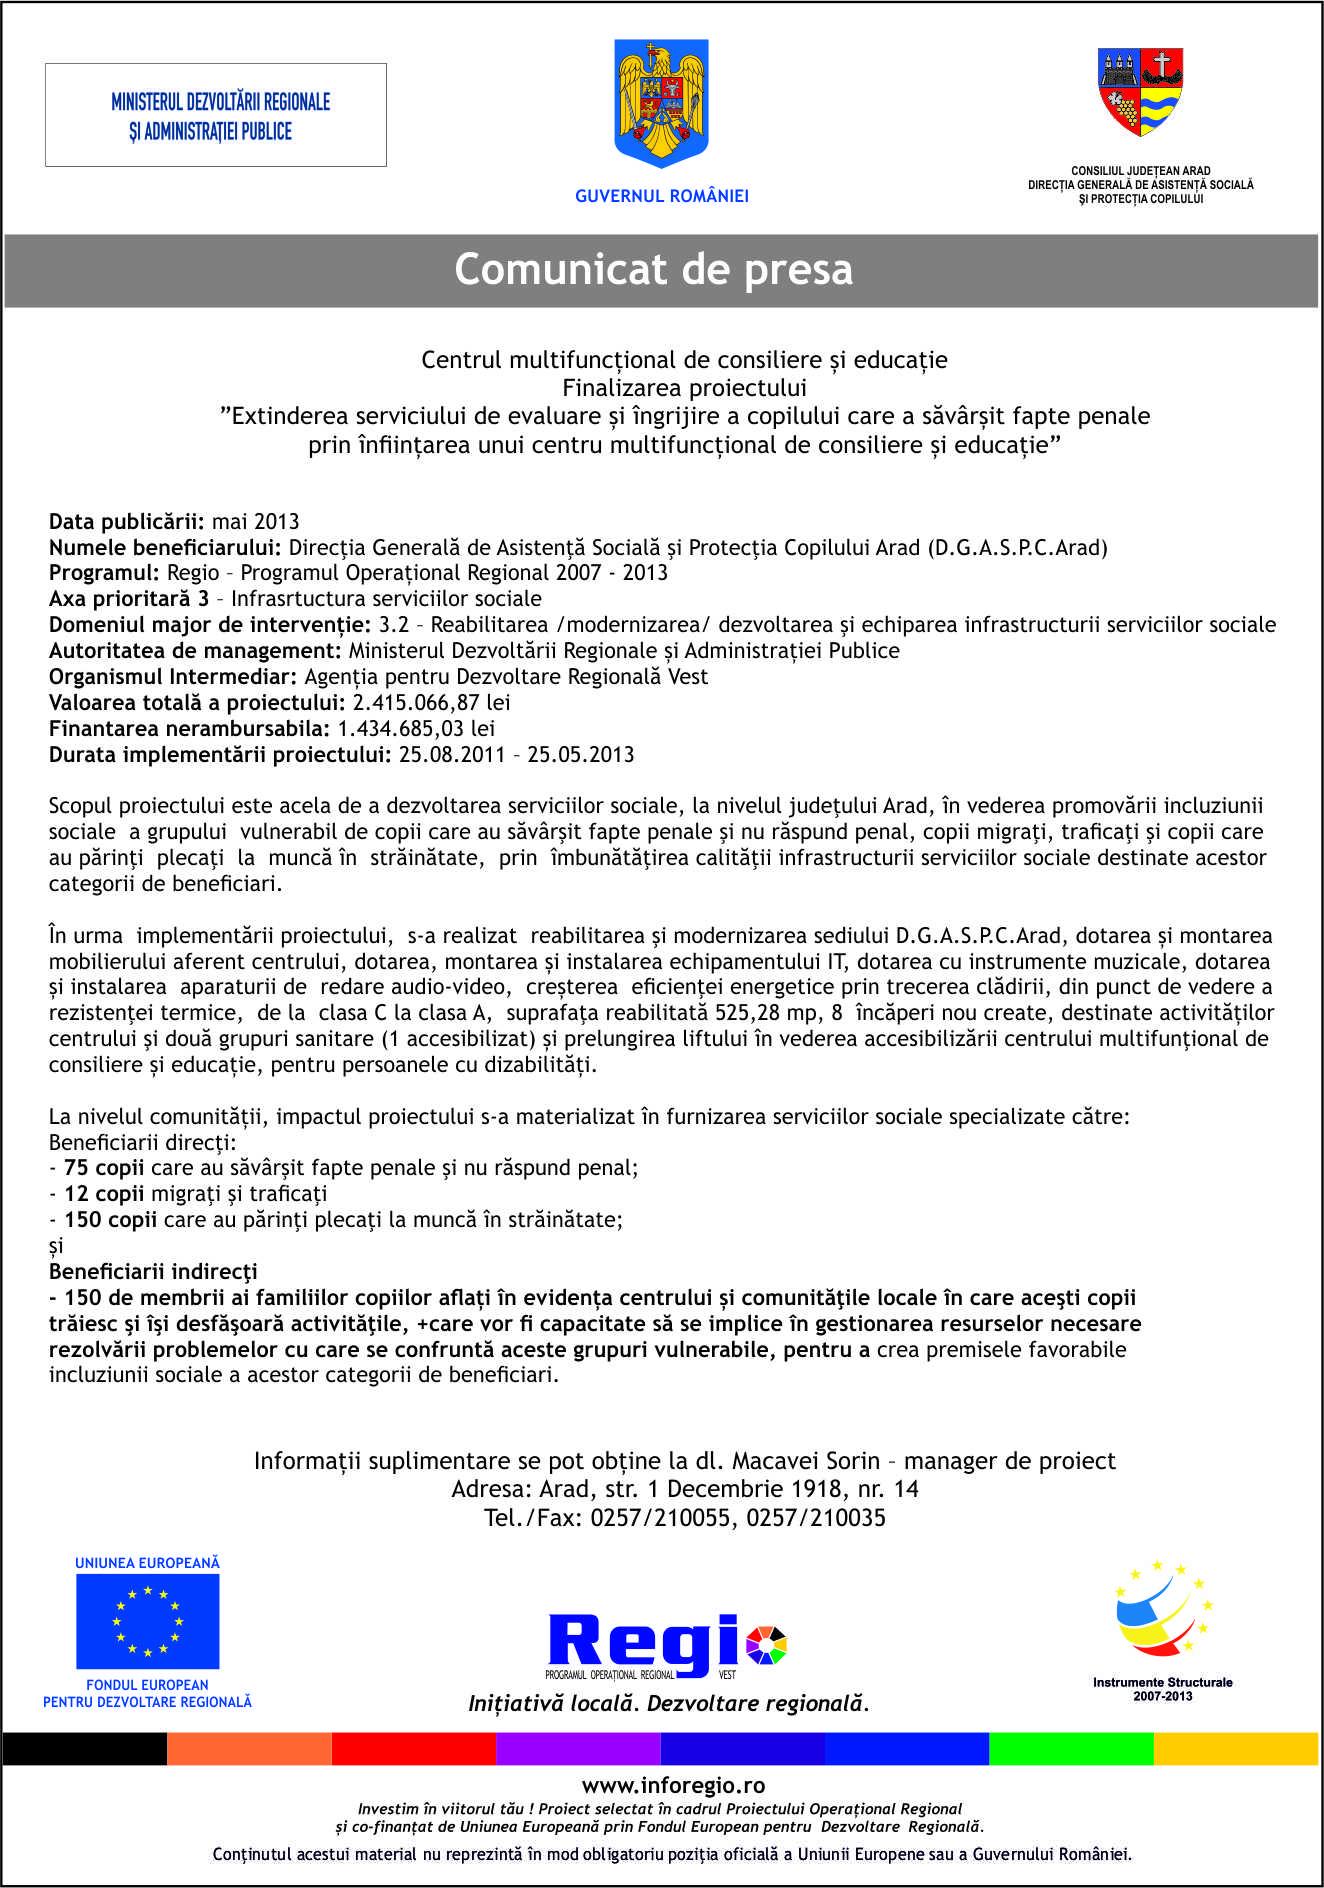 comunicat de presa martie 2013, Centrul multifunctional de consiliere si educatie, Finalizarea proiectului